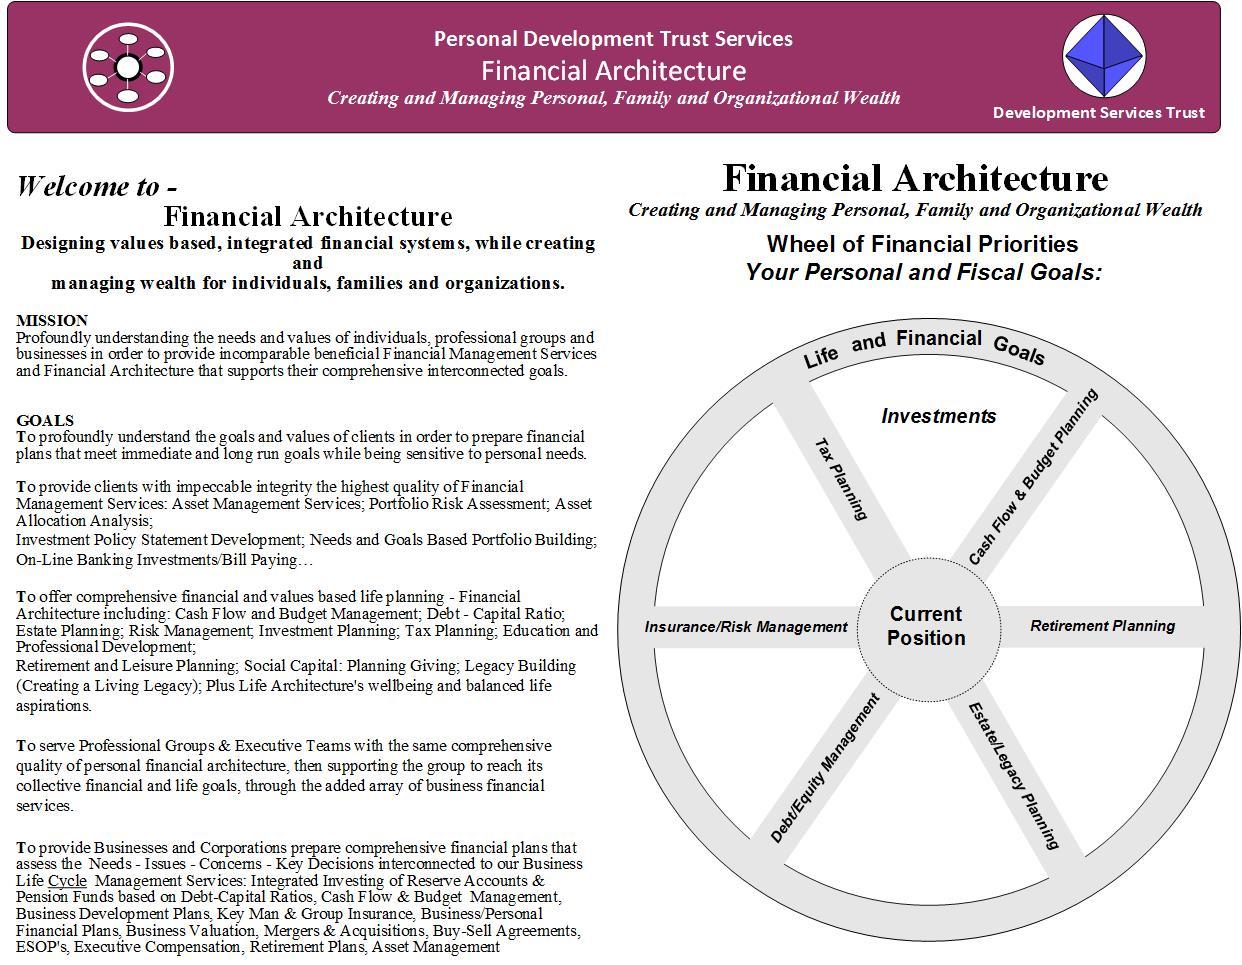 Fin Architecture - Missin & Wheel